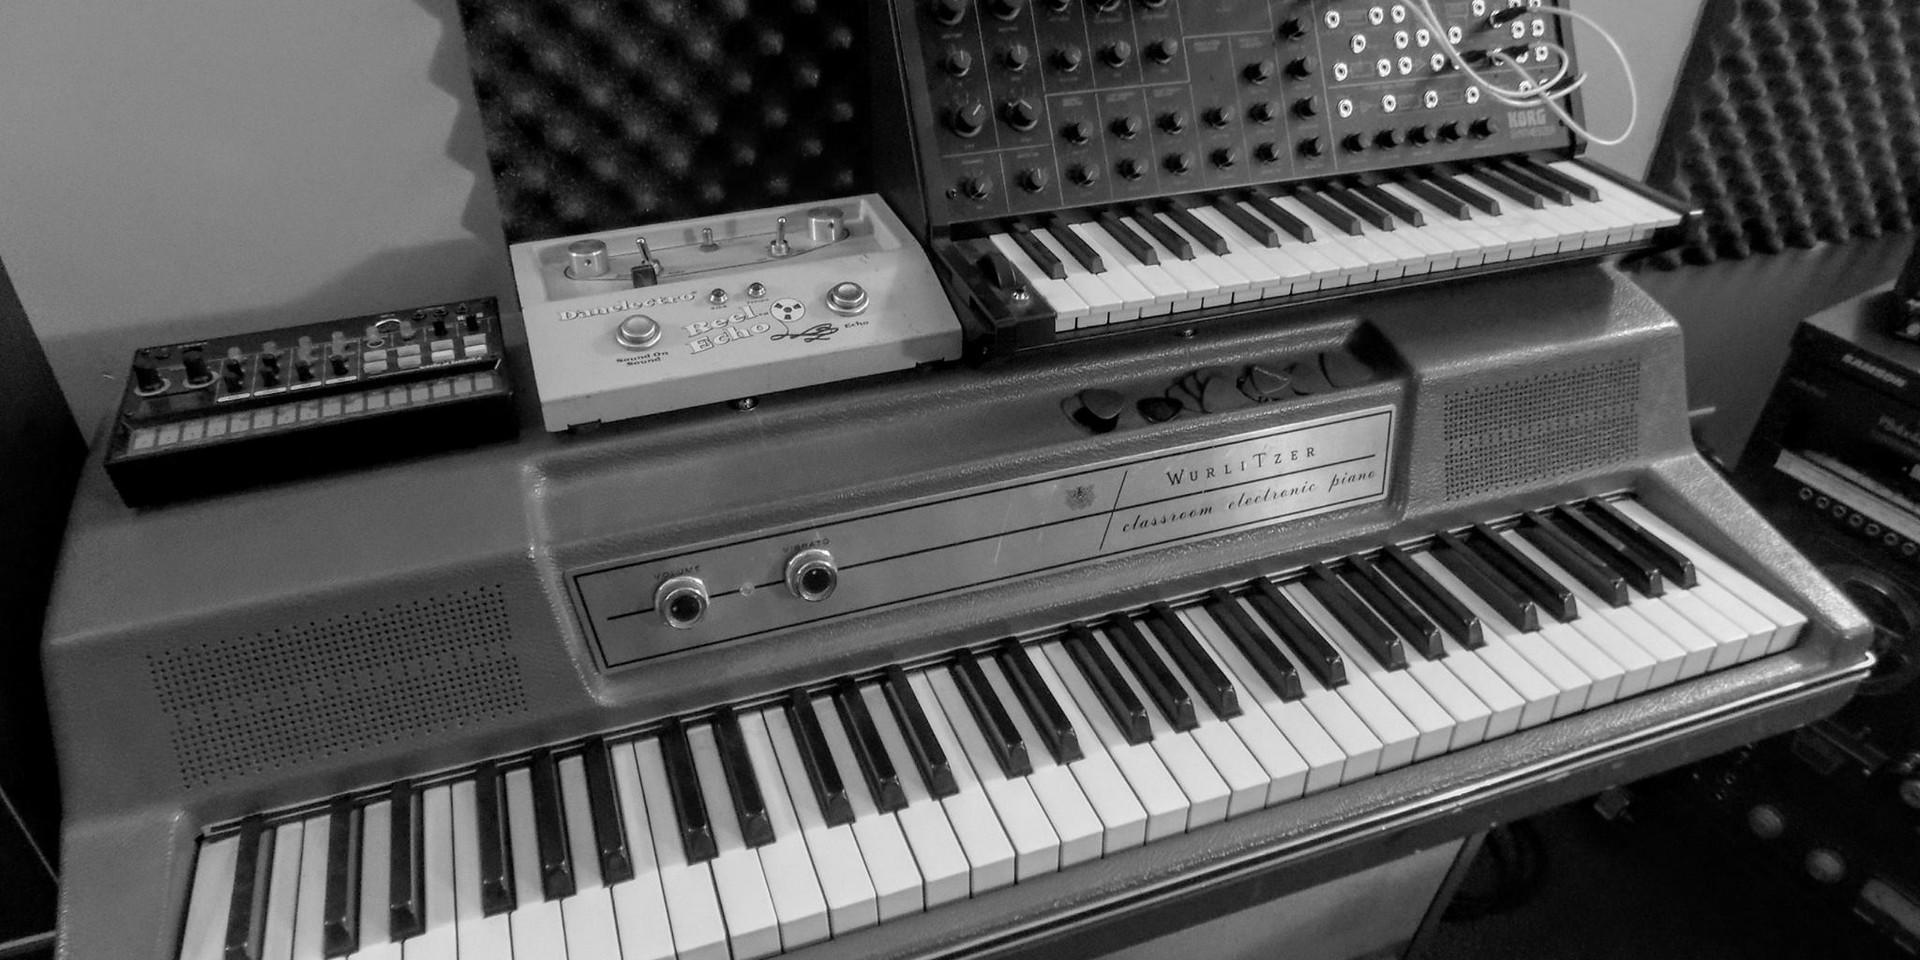 More studio gear